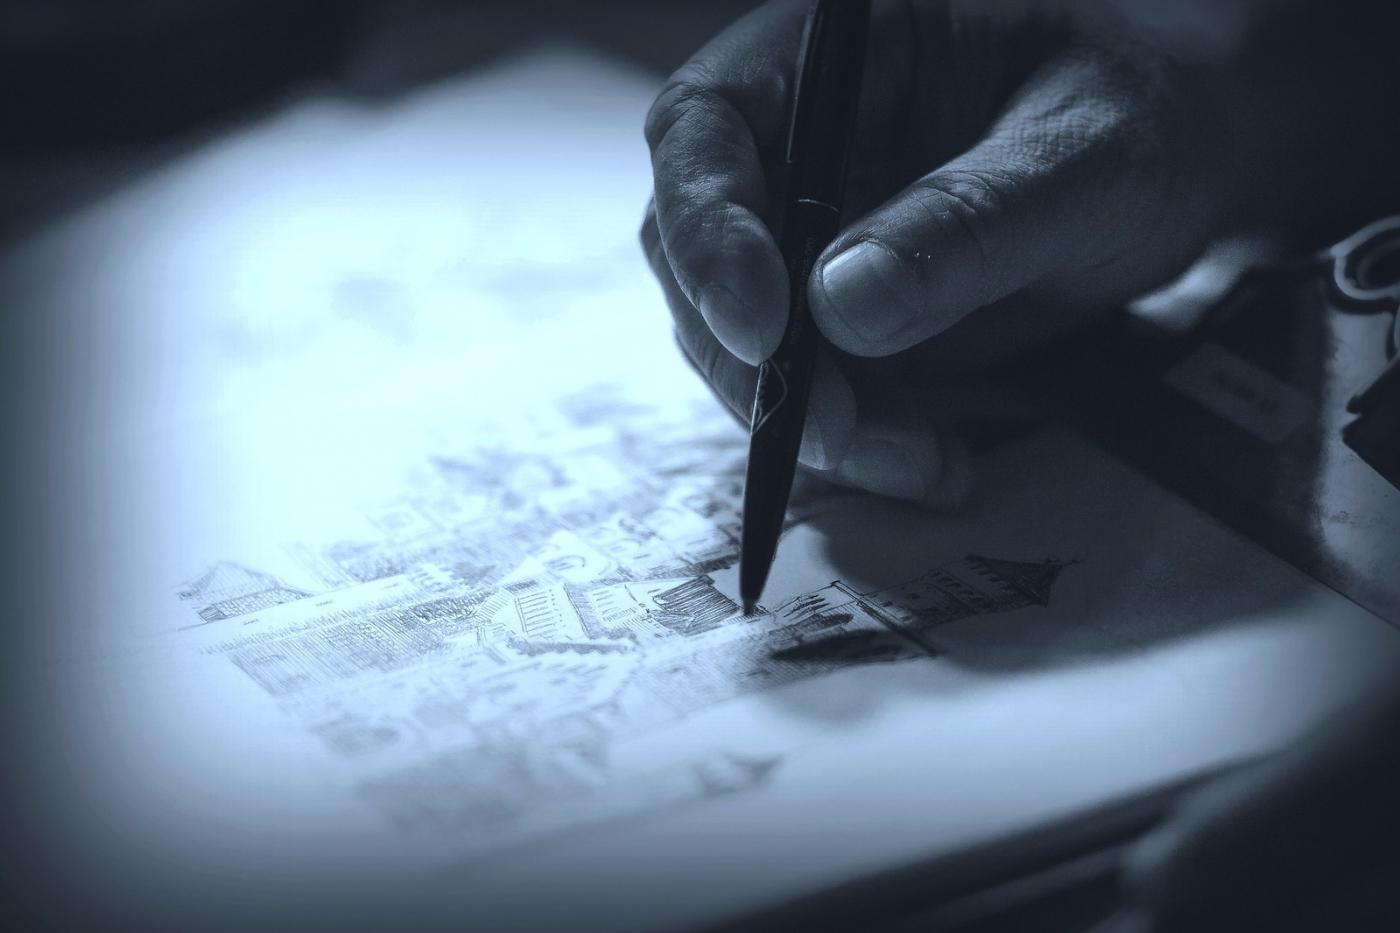 鏡頭里的人生故事,藝術是我的夢 (2)_圖1-10